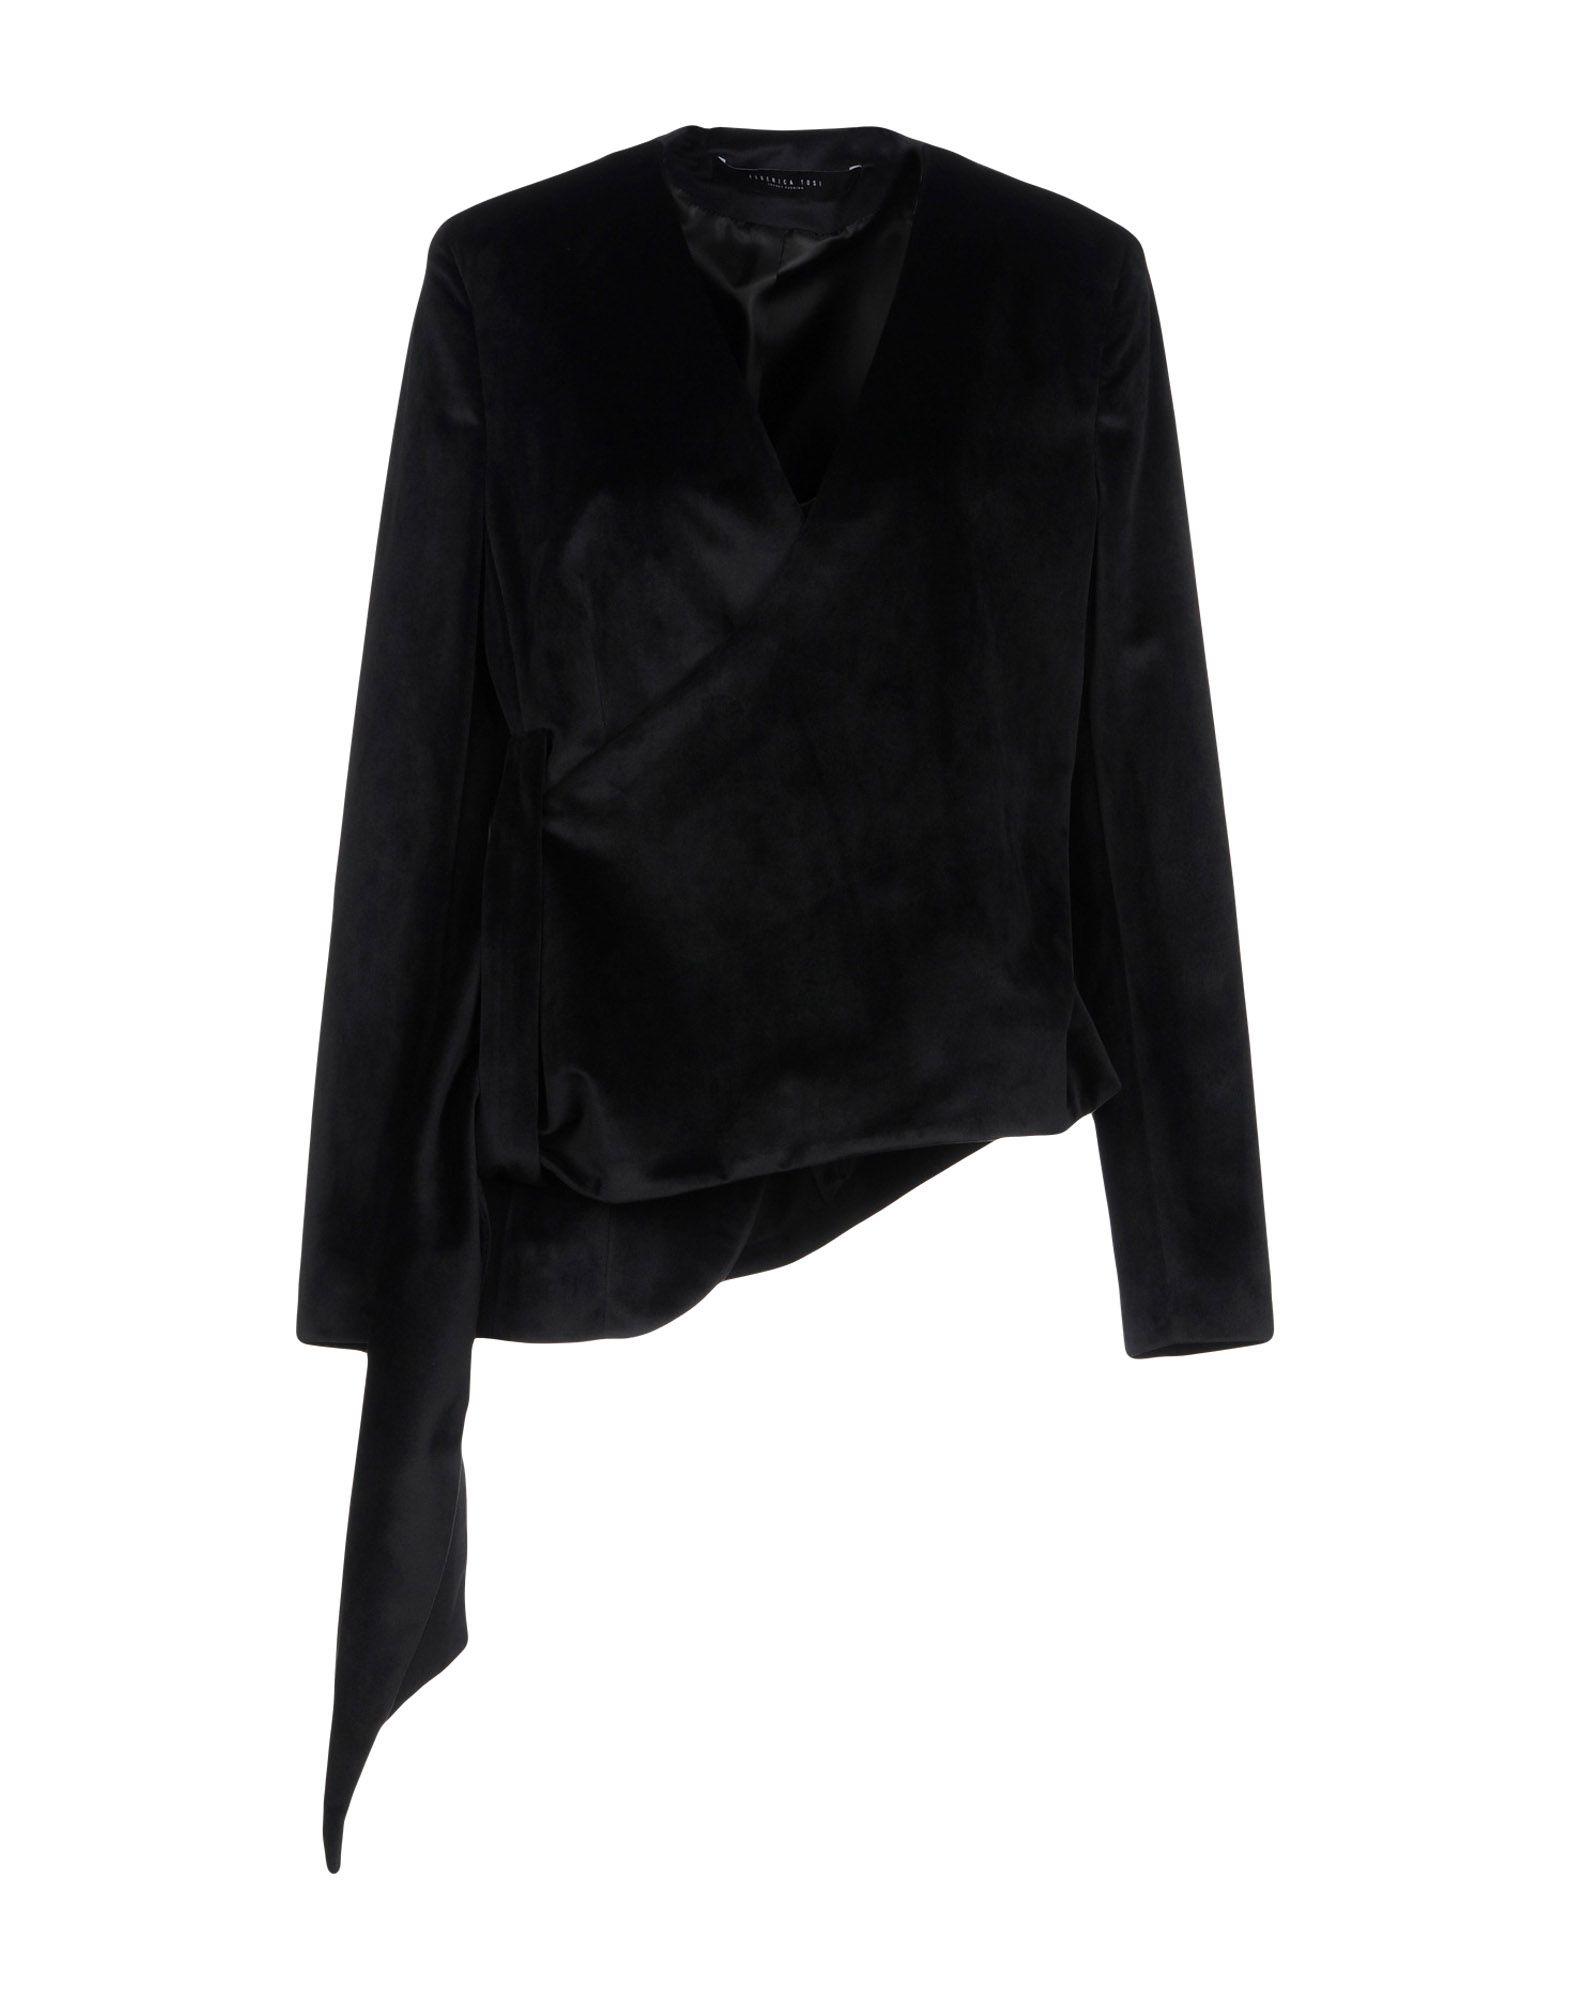 《送料無料》FEDERICA TOSI レディース テーラードジャケット ブラック 42 ポリエステル 100%